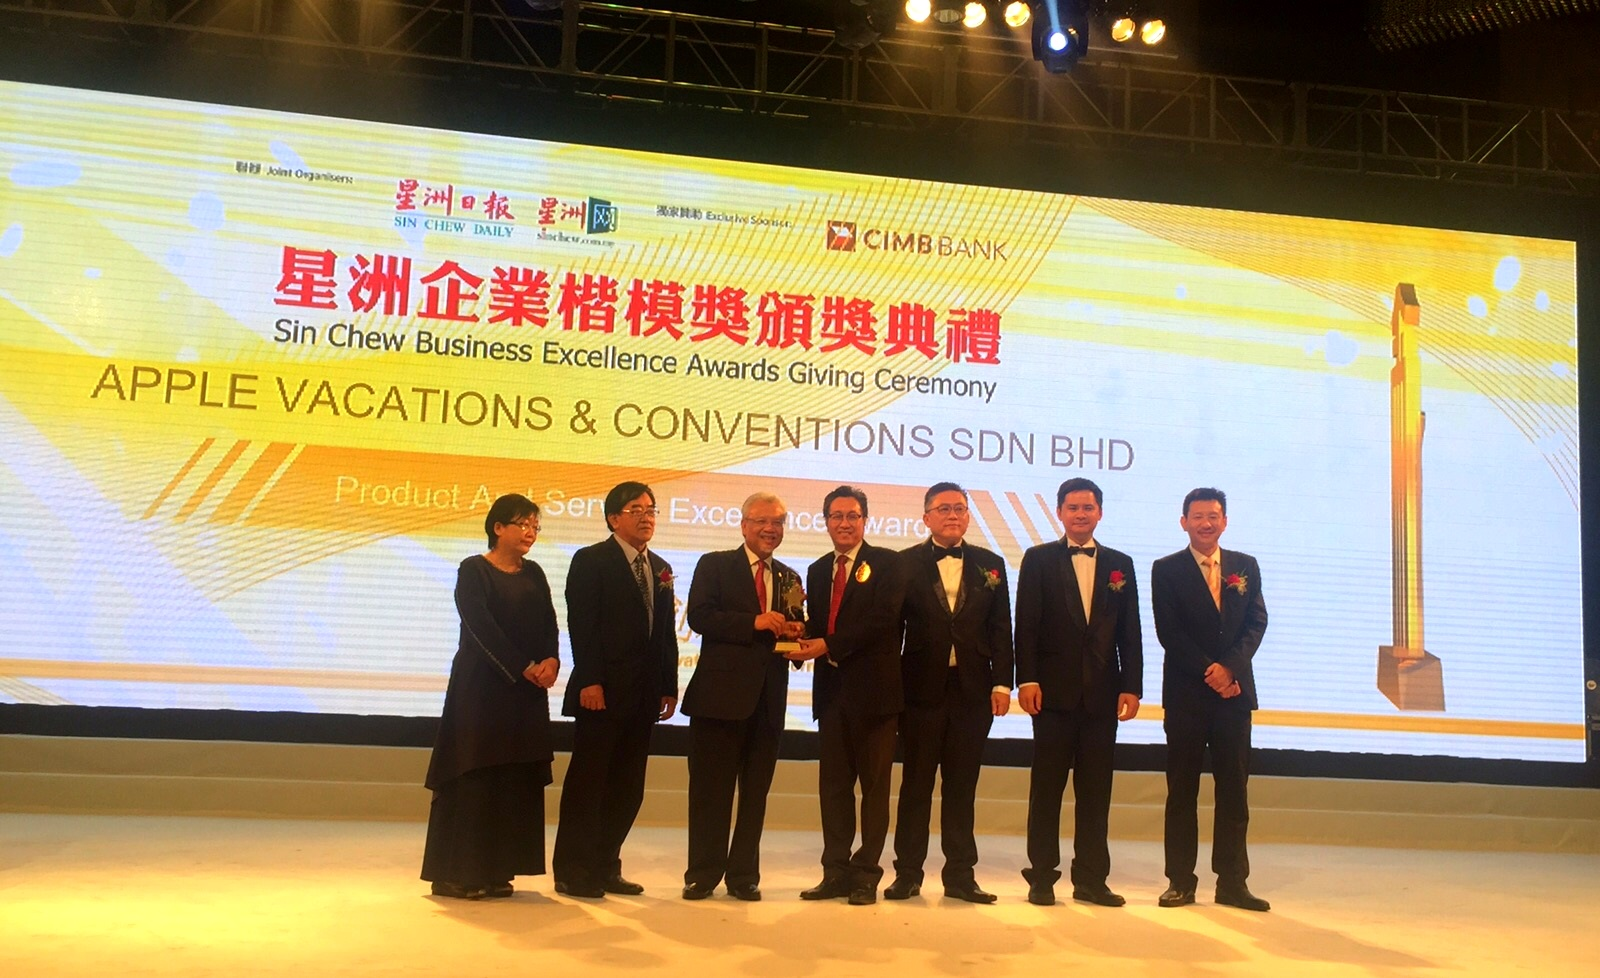 蘋果旅遊集团董事经理拿督斯里许育兴(中)从马来西亚第二财长——拿督斯里阿末胡斯尼(左三)手中接过此荣耀。